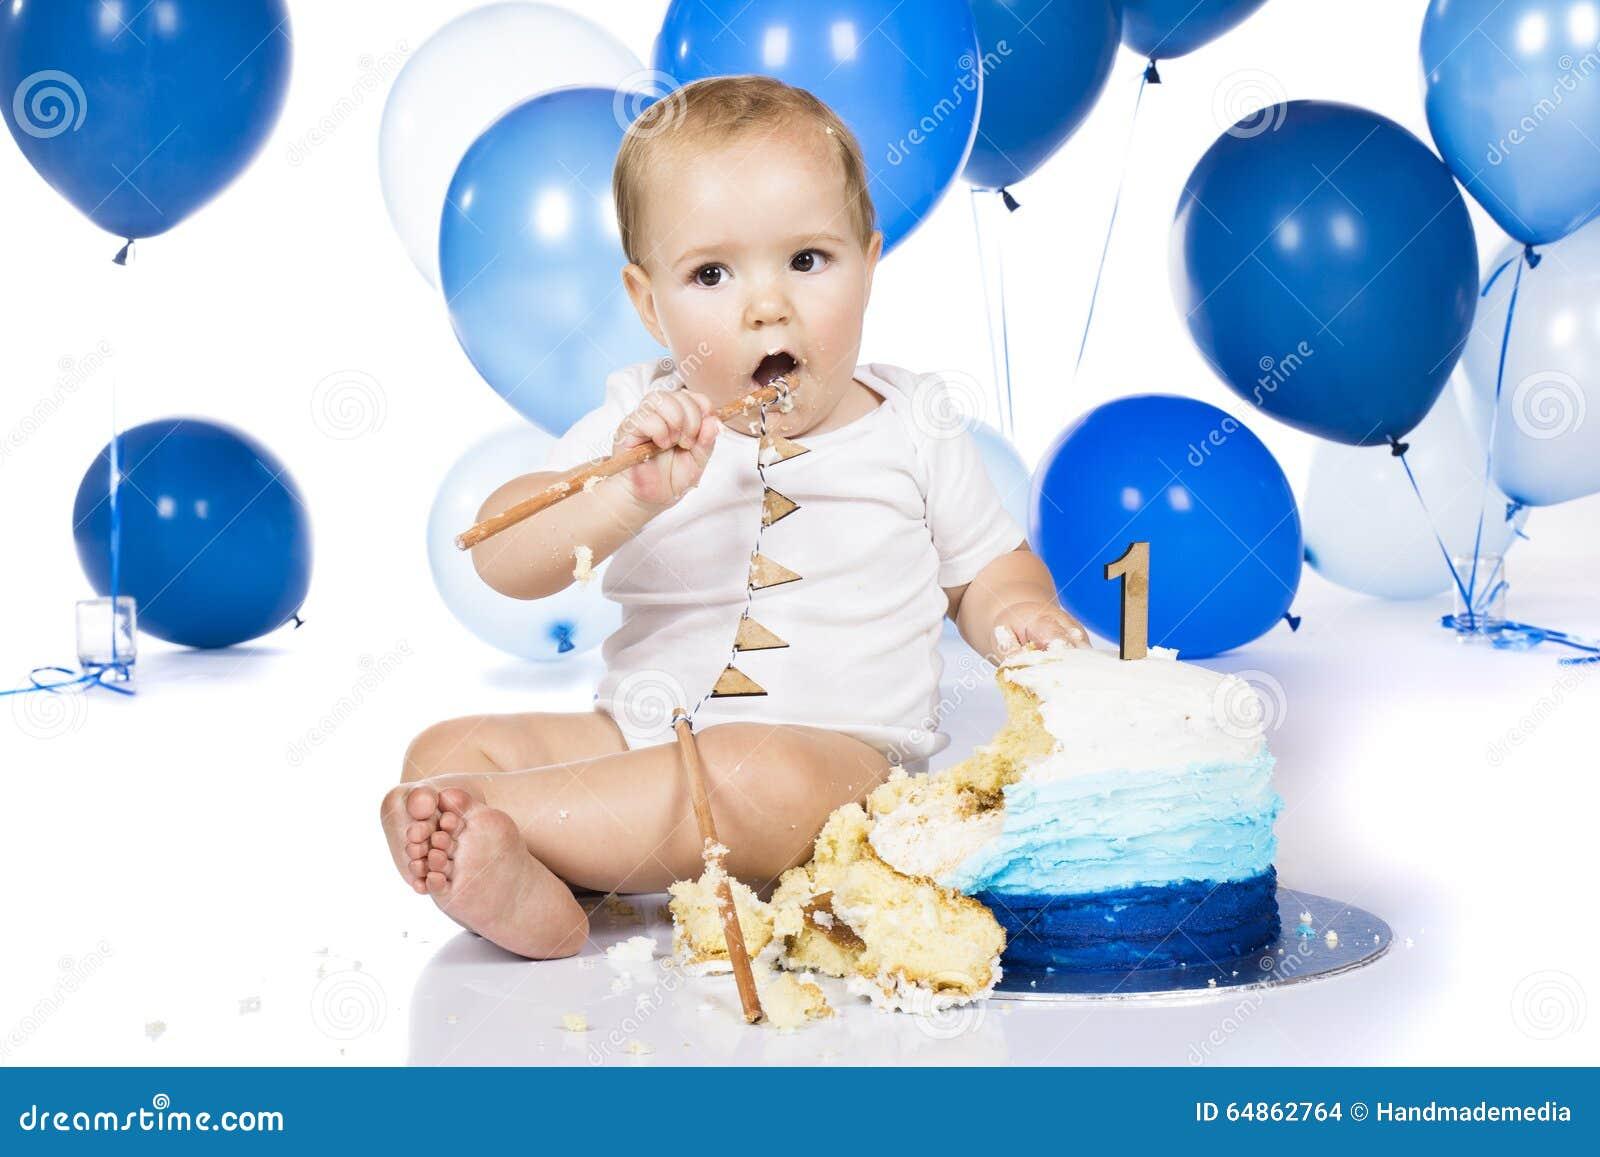 Baby Smashing Cake Stock Photo Image Of Background Close